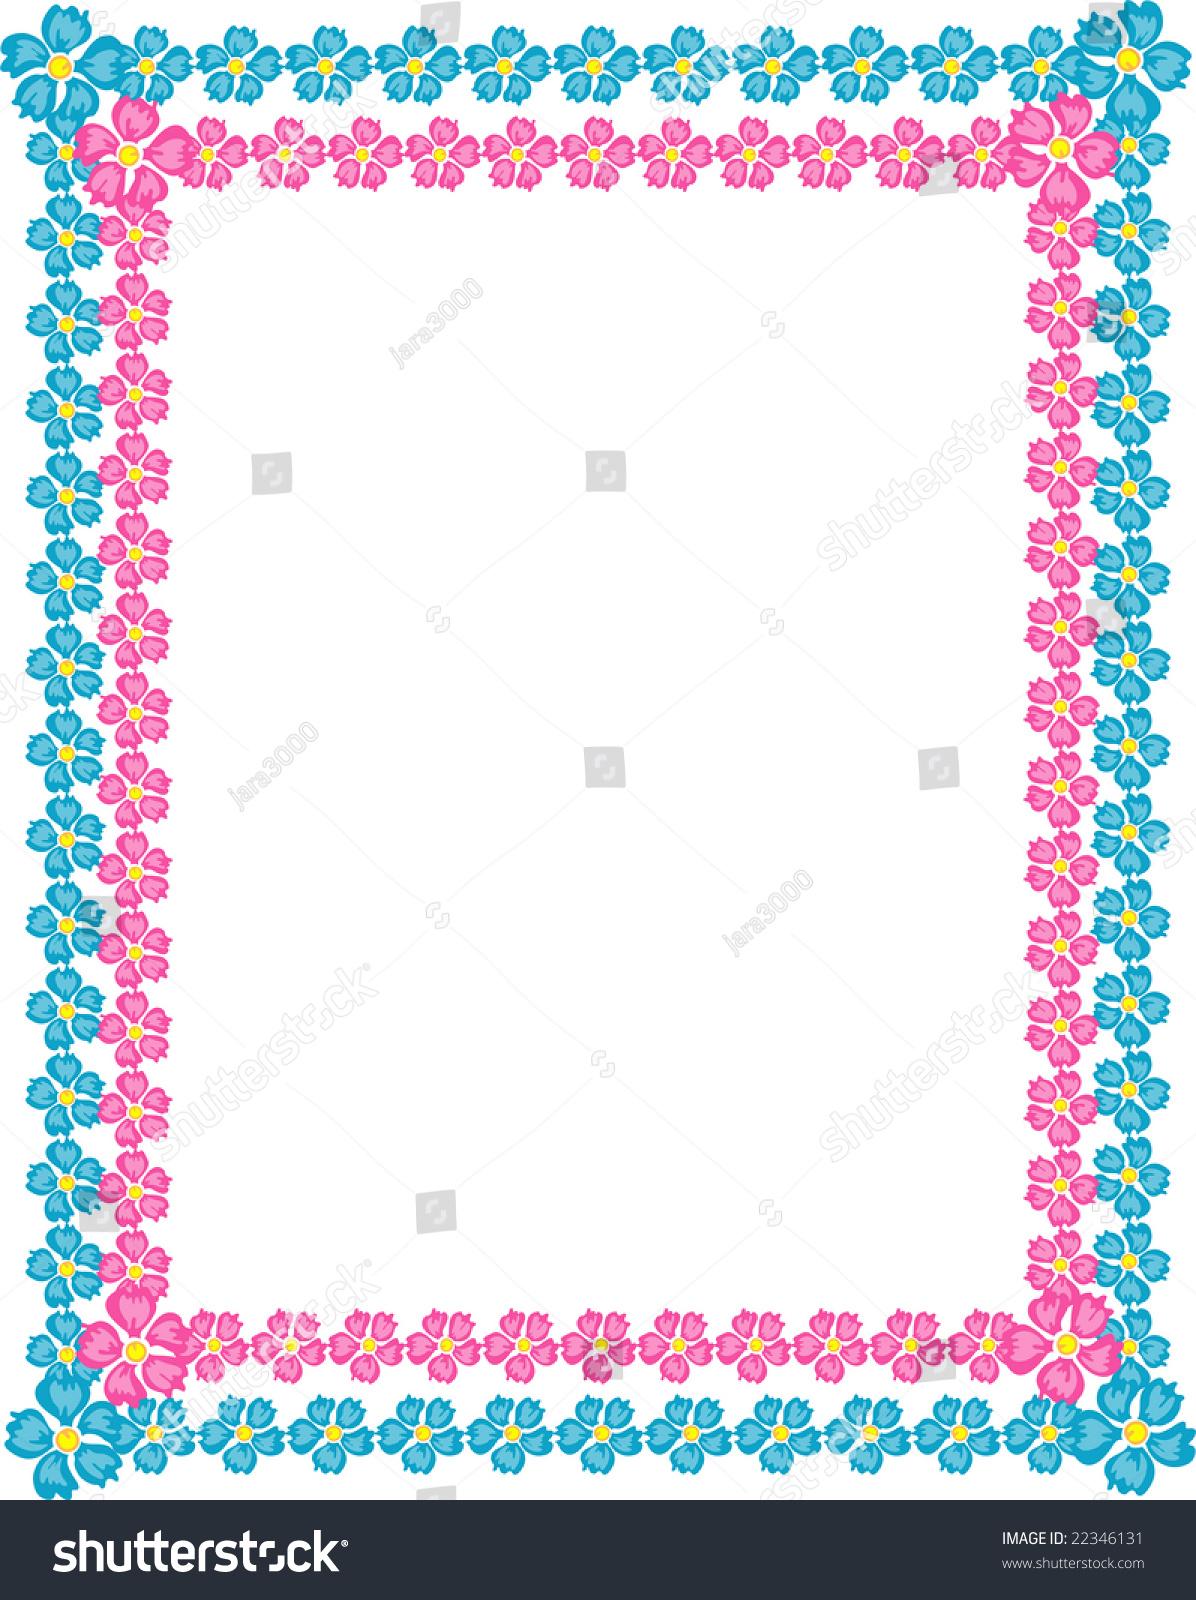 Floral Border Frame Pink Blue Stock Vector 22346131 ...